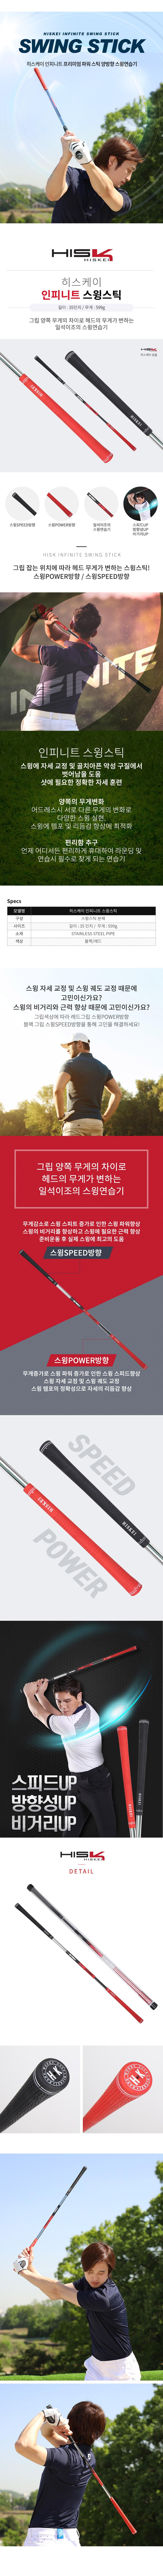 hiskey_infinite_premium_power_stick_traniner_20.jpg